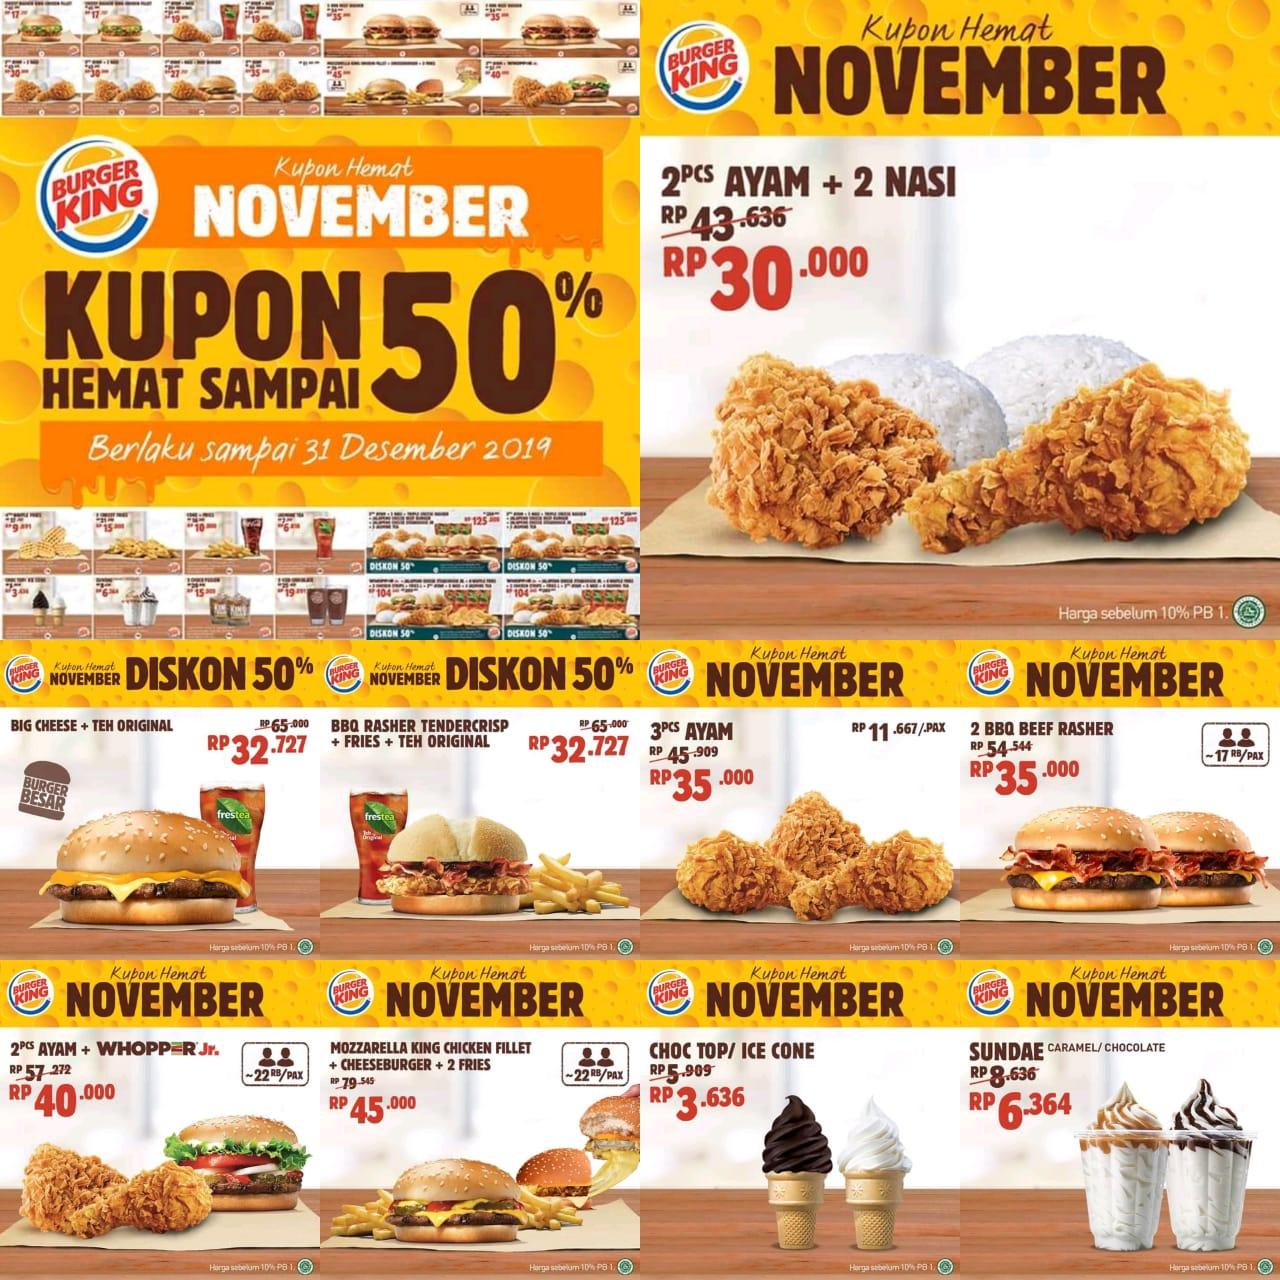 Burger King Promo Kupon BK November, Diskon Hingga 50%